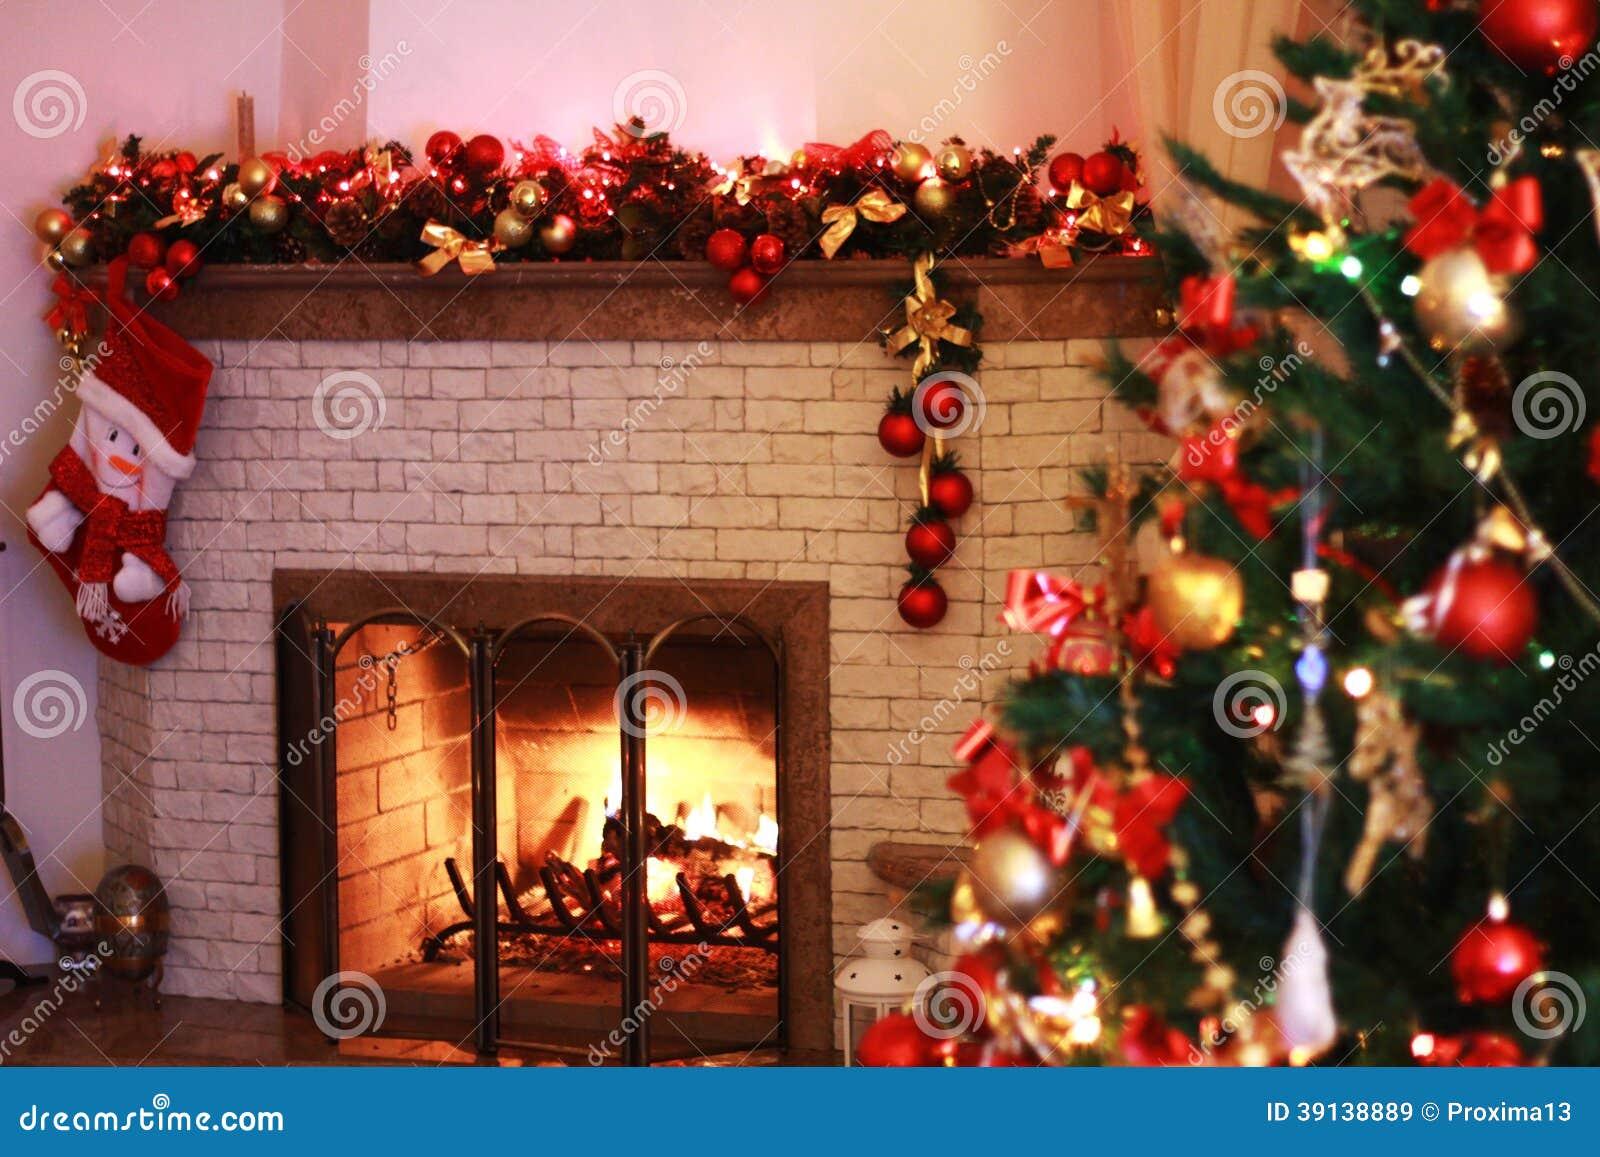 Chimenea casera en las decoraciones de la navidad foto de for Decoracion navidad